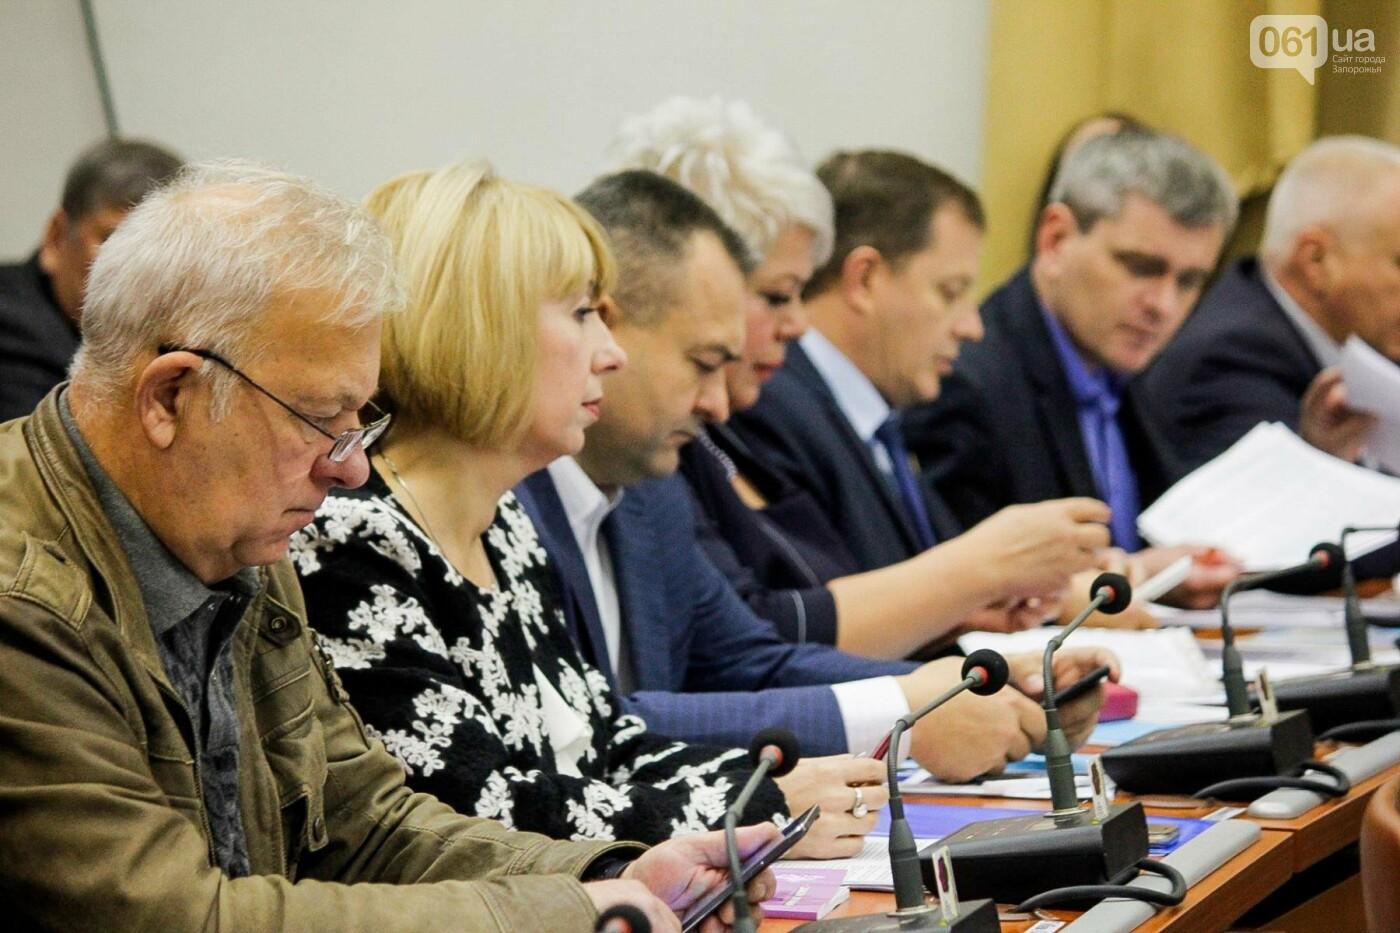 Сессия запорожского горсовета в 55 фотографиях, - ФОТОРЕПОРТАЖ, фото-12